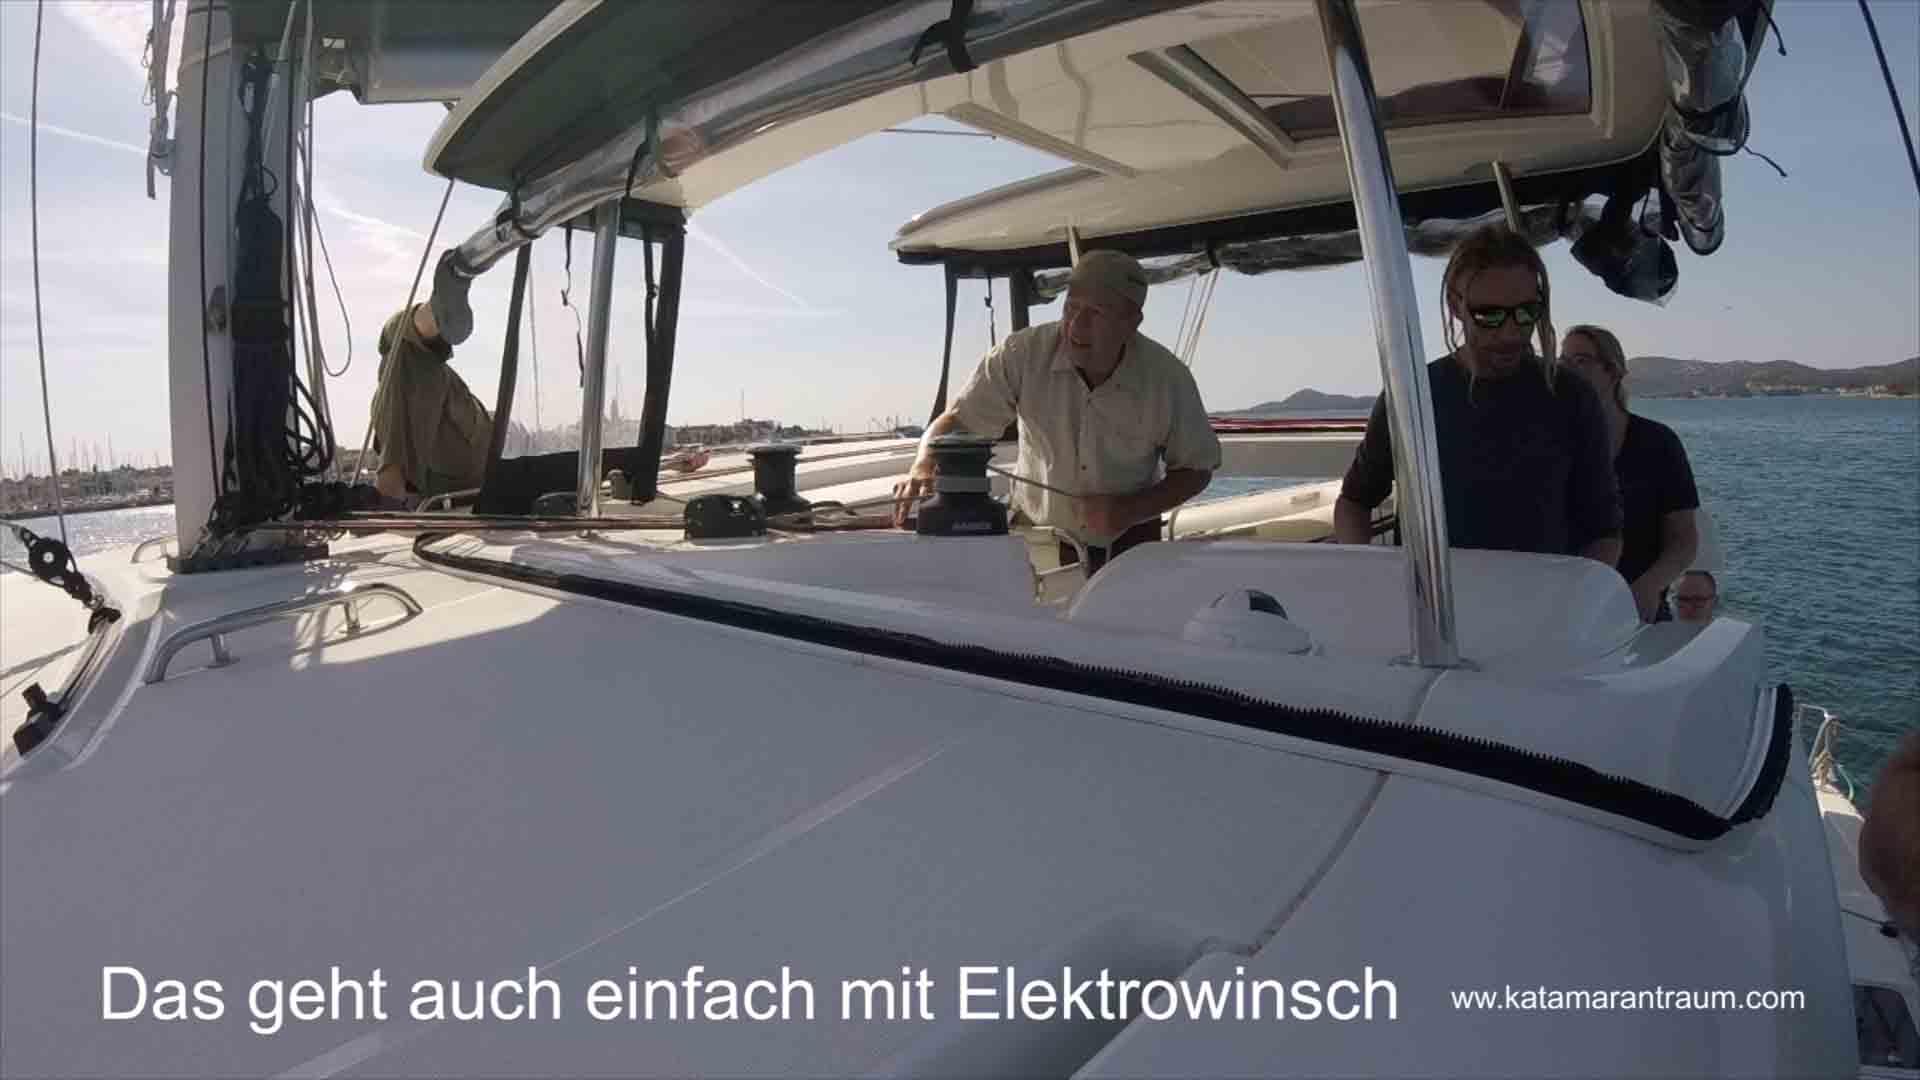 Manfred zieht beim Katamarantraining mit Elektrowisch die Genau raus